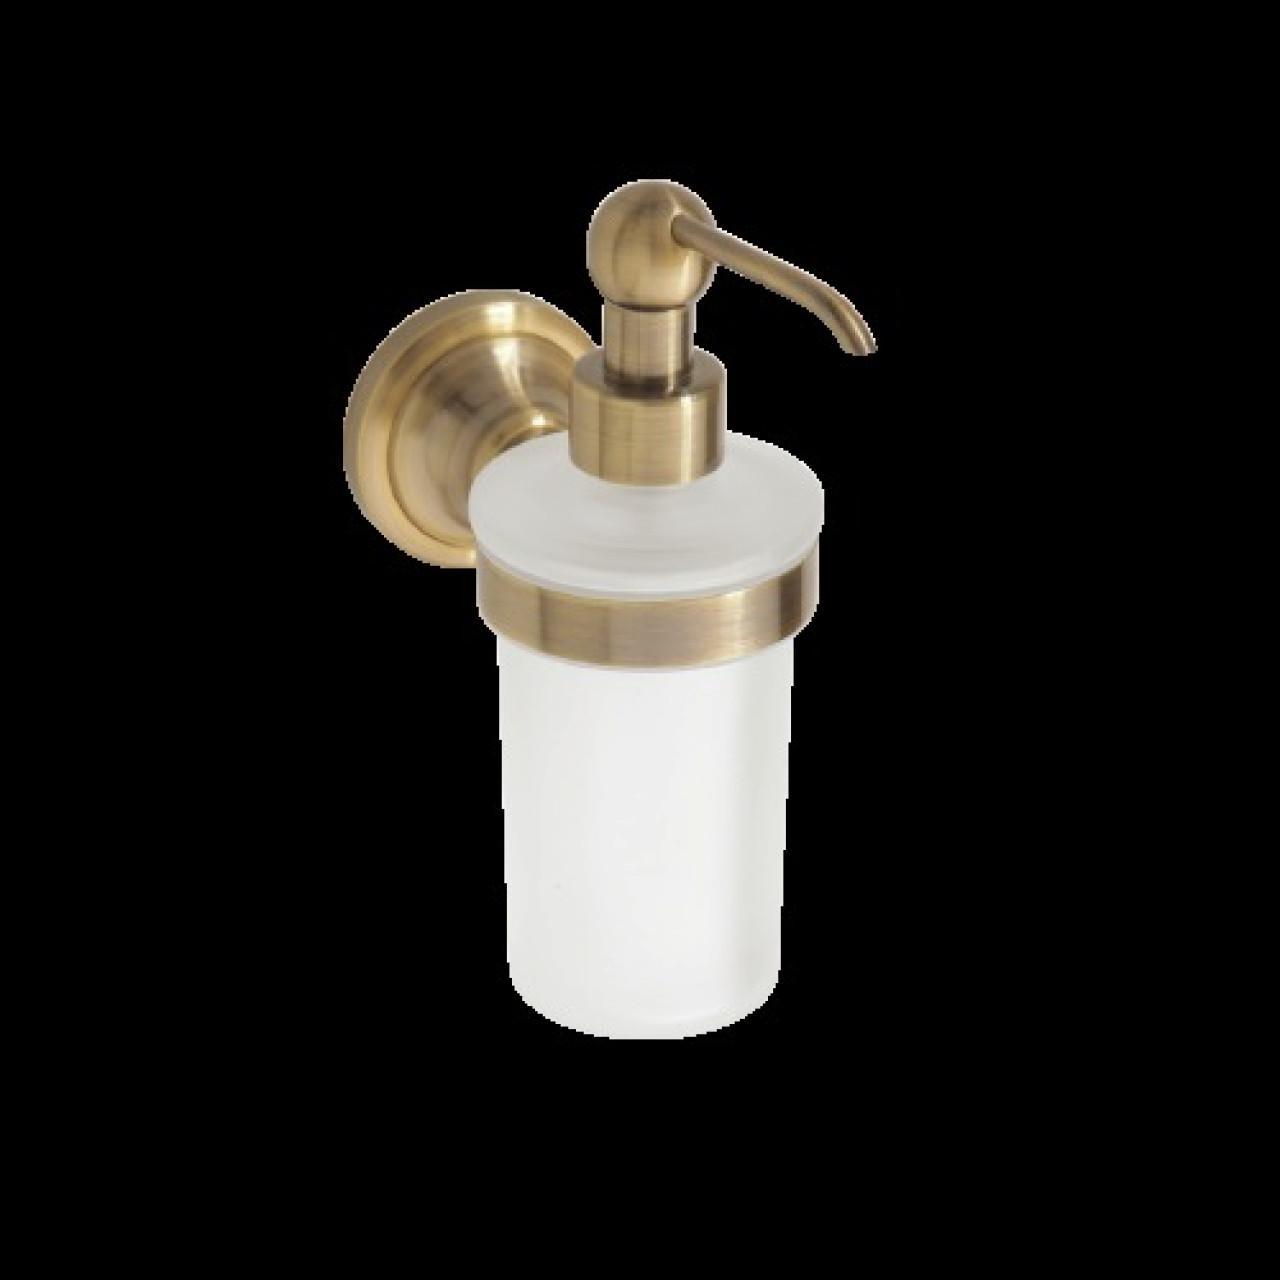 Дозатор для жидкого мыла BEMETA RETRO 144309012 Хром купить в Москве по цене от 2682р. в интернет-магазине mebel-v-vannu.ru